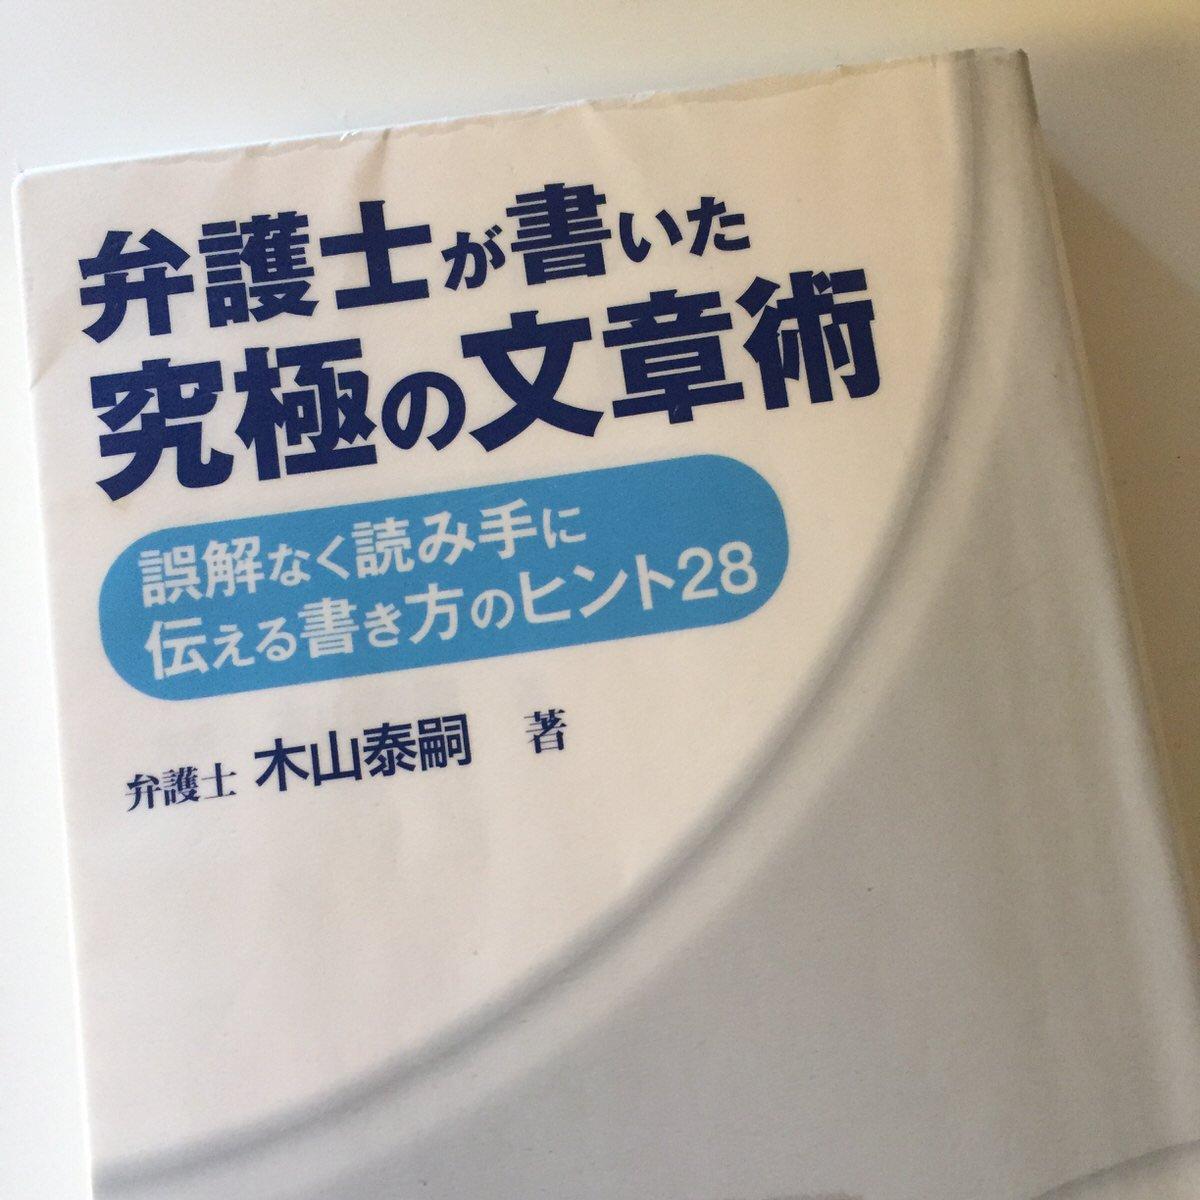 『弁護士が書いた究極の文章術』(木山 泰嗣 さん:著)読み手にとって親切な文章について考える機会をくれた本。【書評】